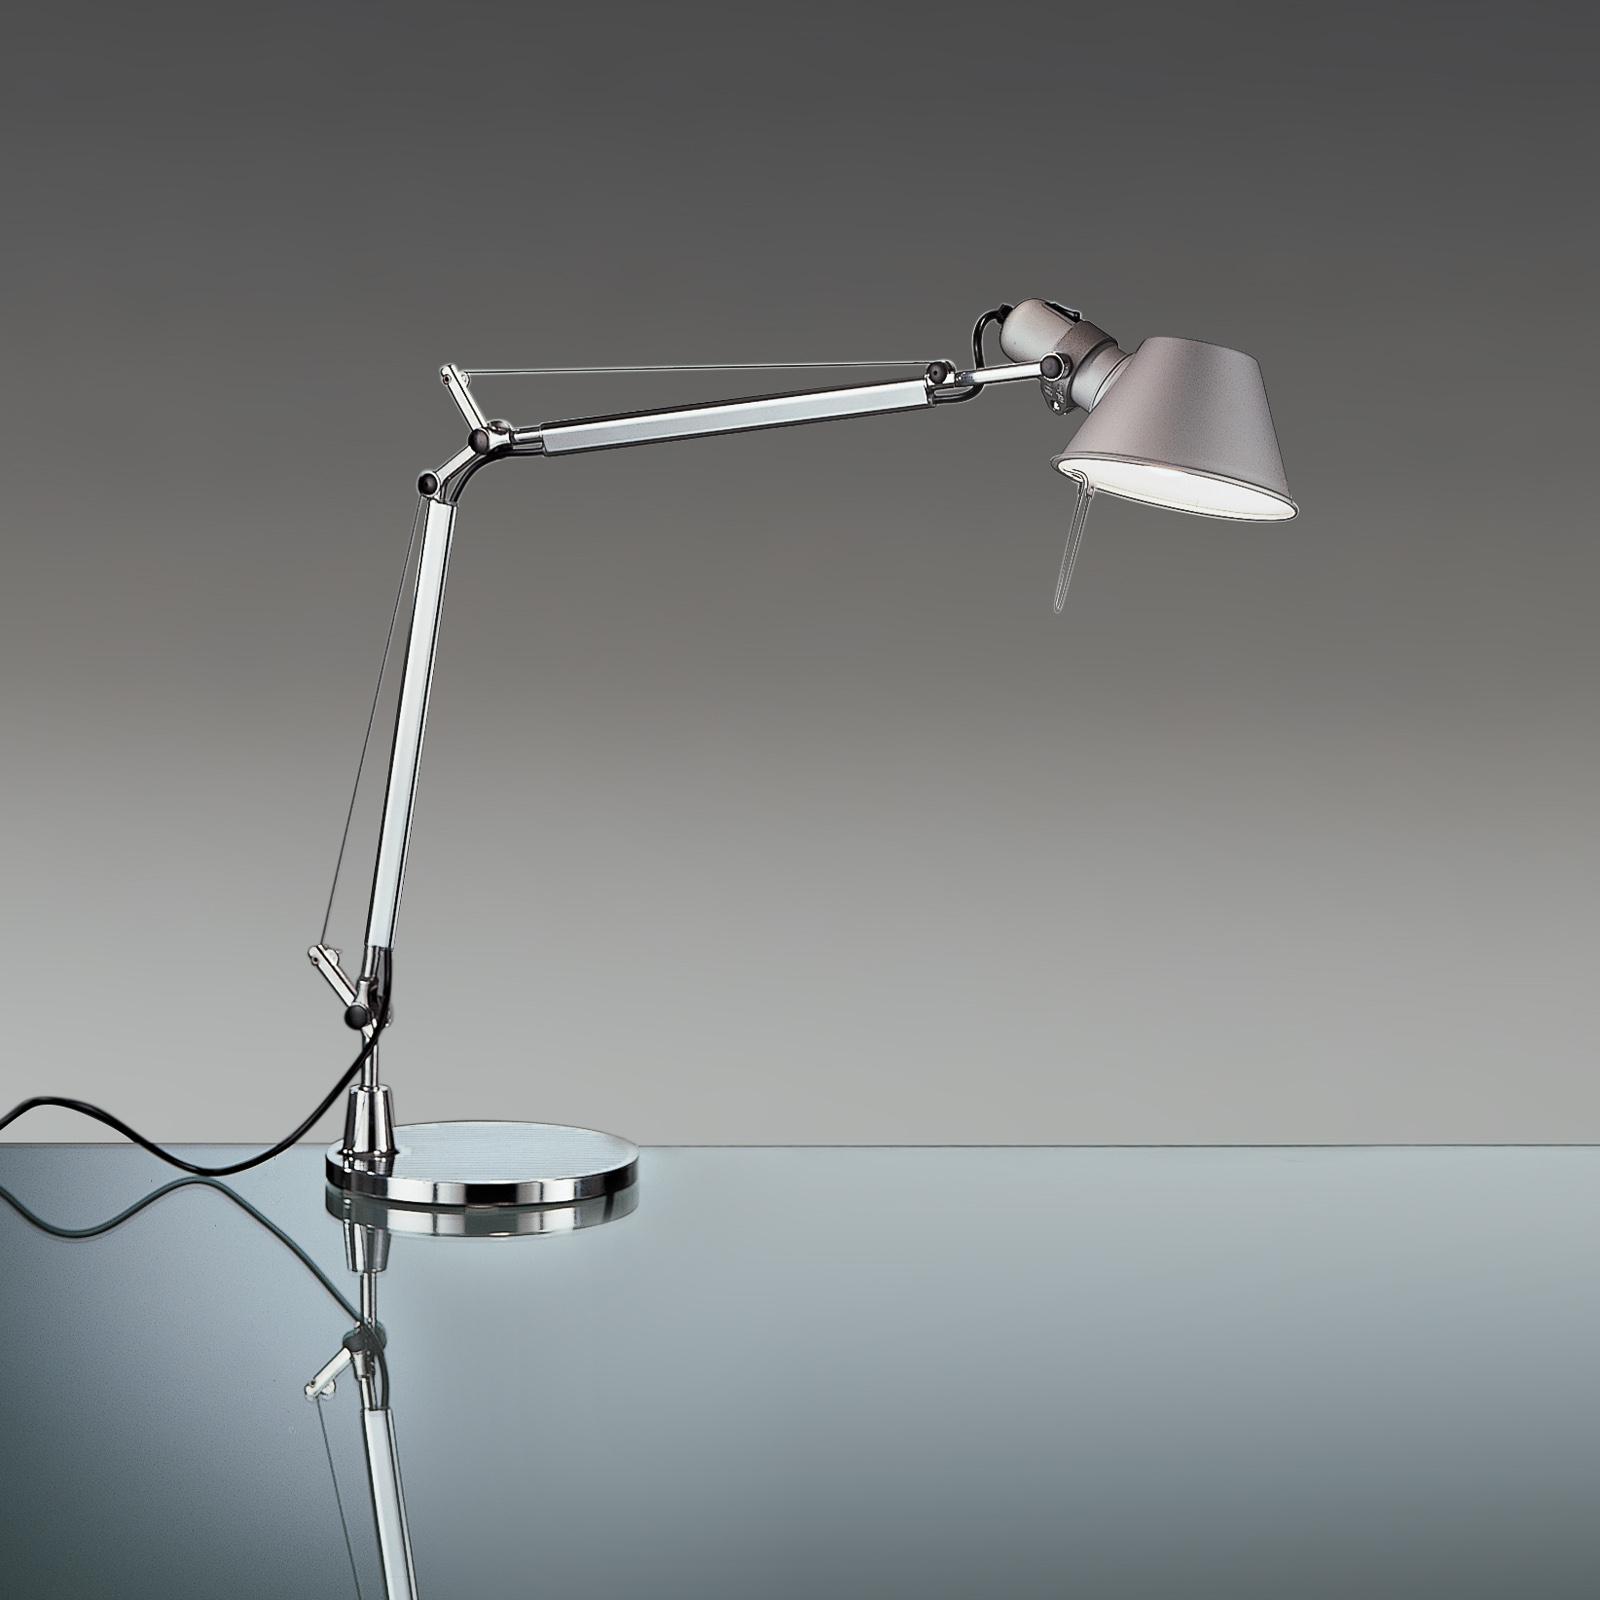 Artemide Tolomeo Mini lampe sur pied alu 3000K